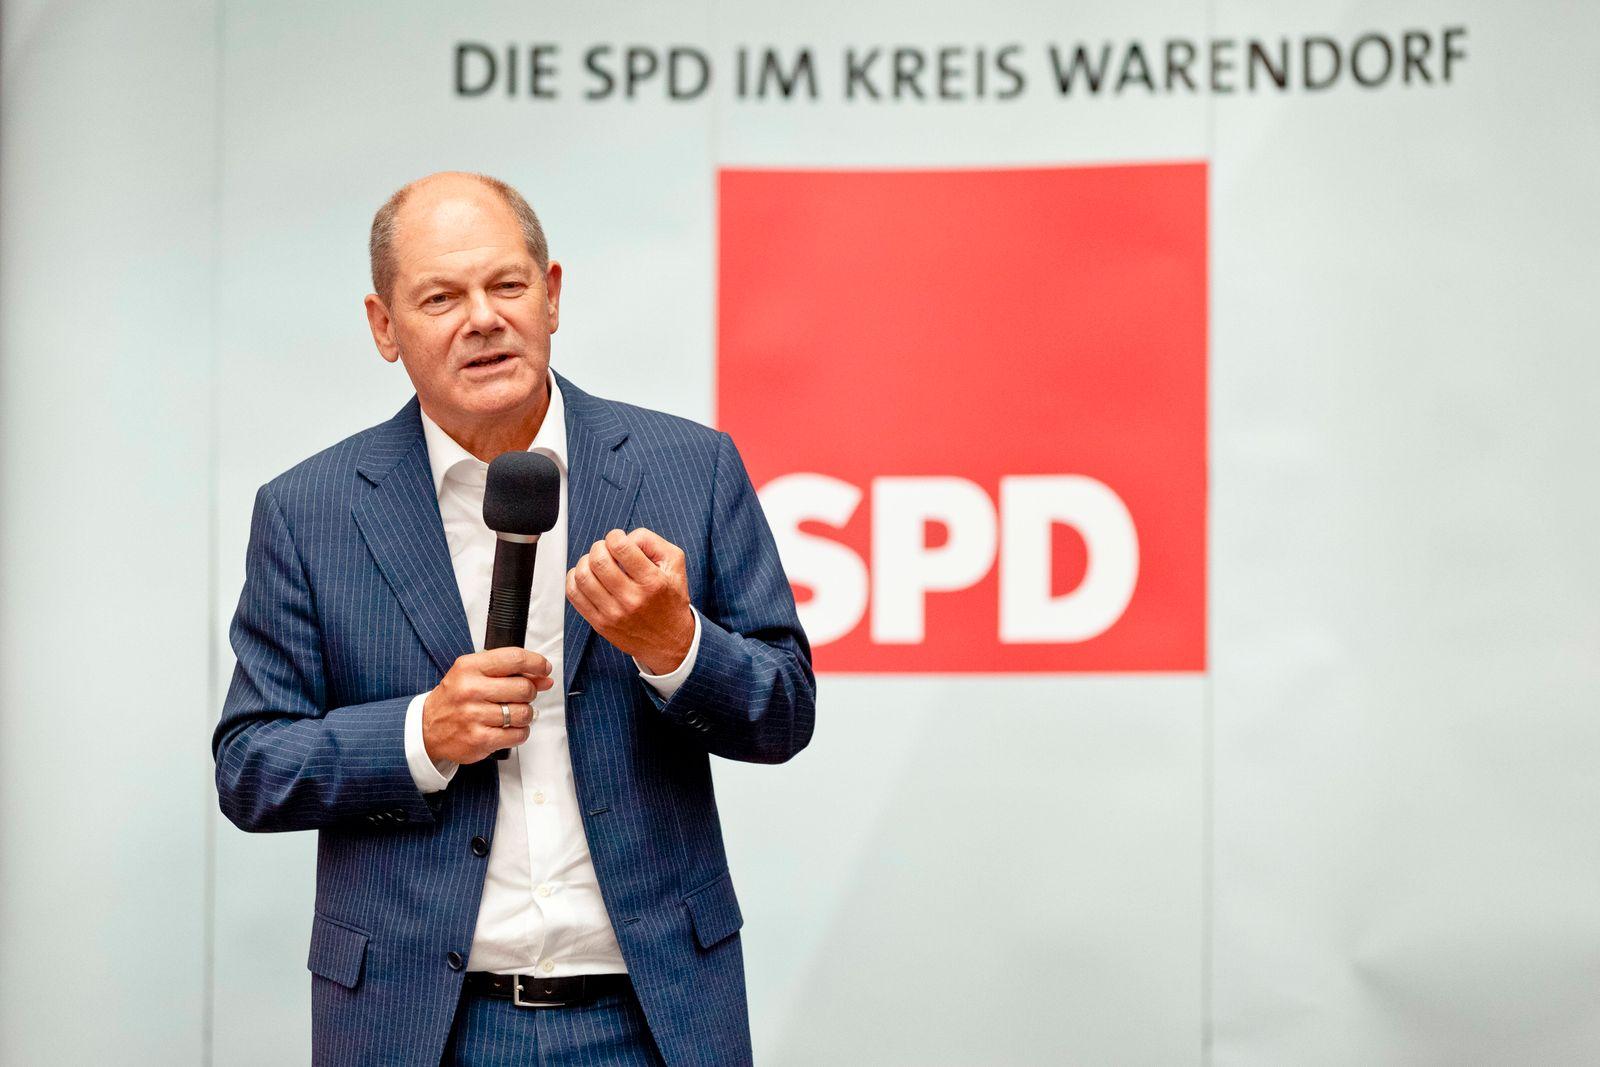 SPD-Kanzlerkandidat Olaf Scholz Bundesfinanzminister Olaf Scholz In der alten Zeche Westfalen Wahlkampfveranstaltung de